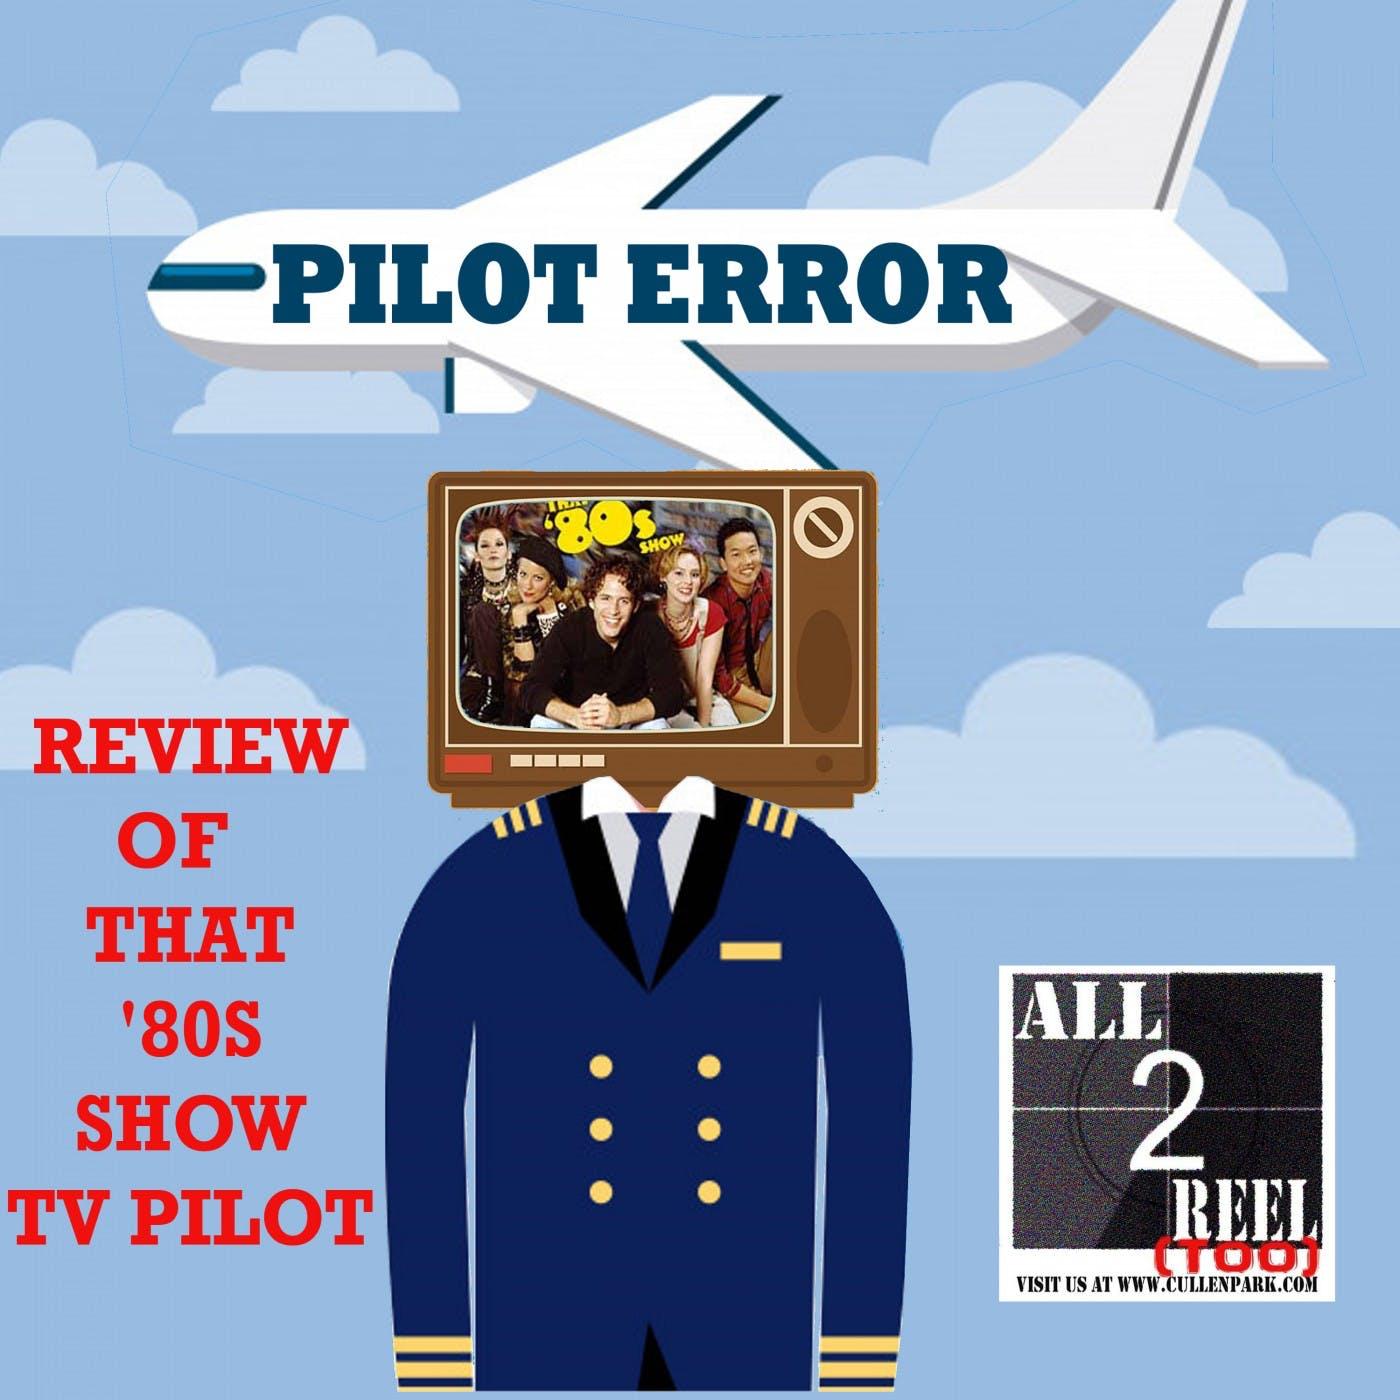 That '80s Show (2002) PILOT ERROR TV REVIEW